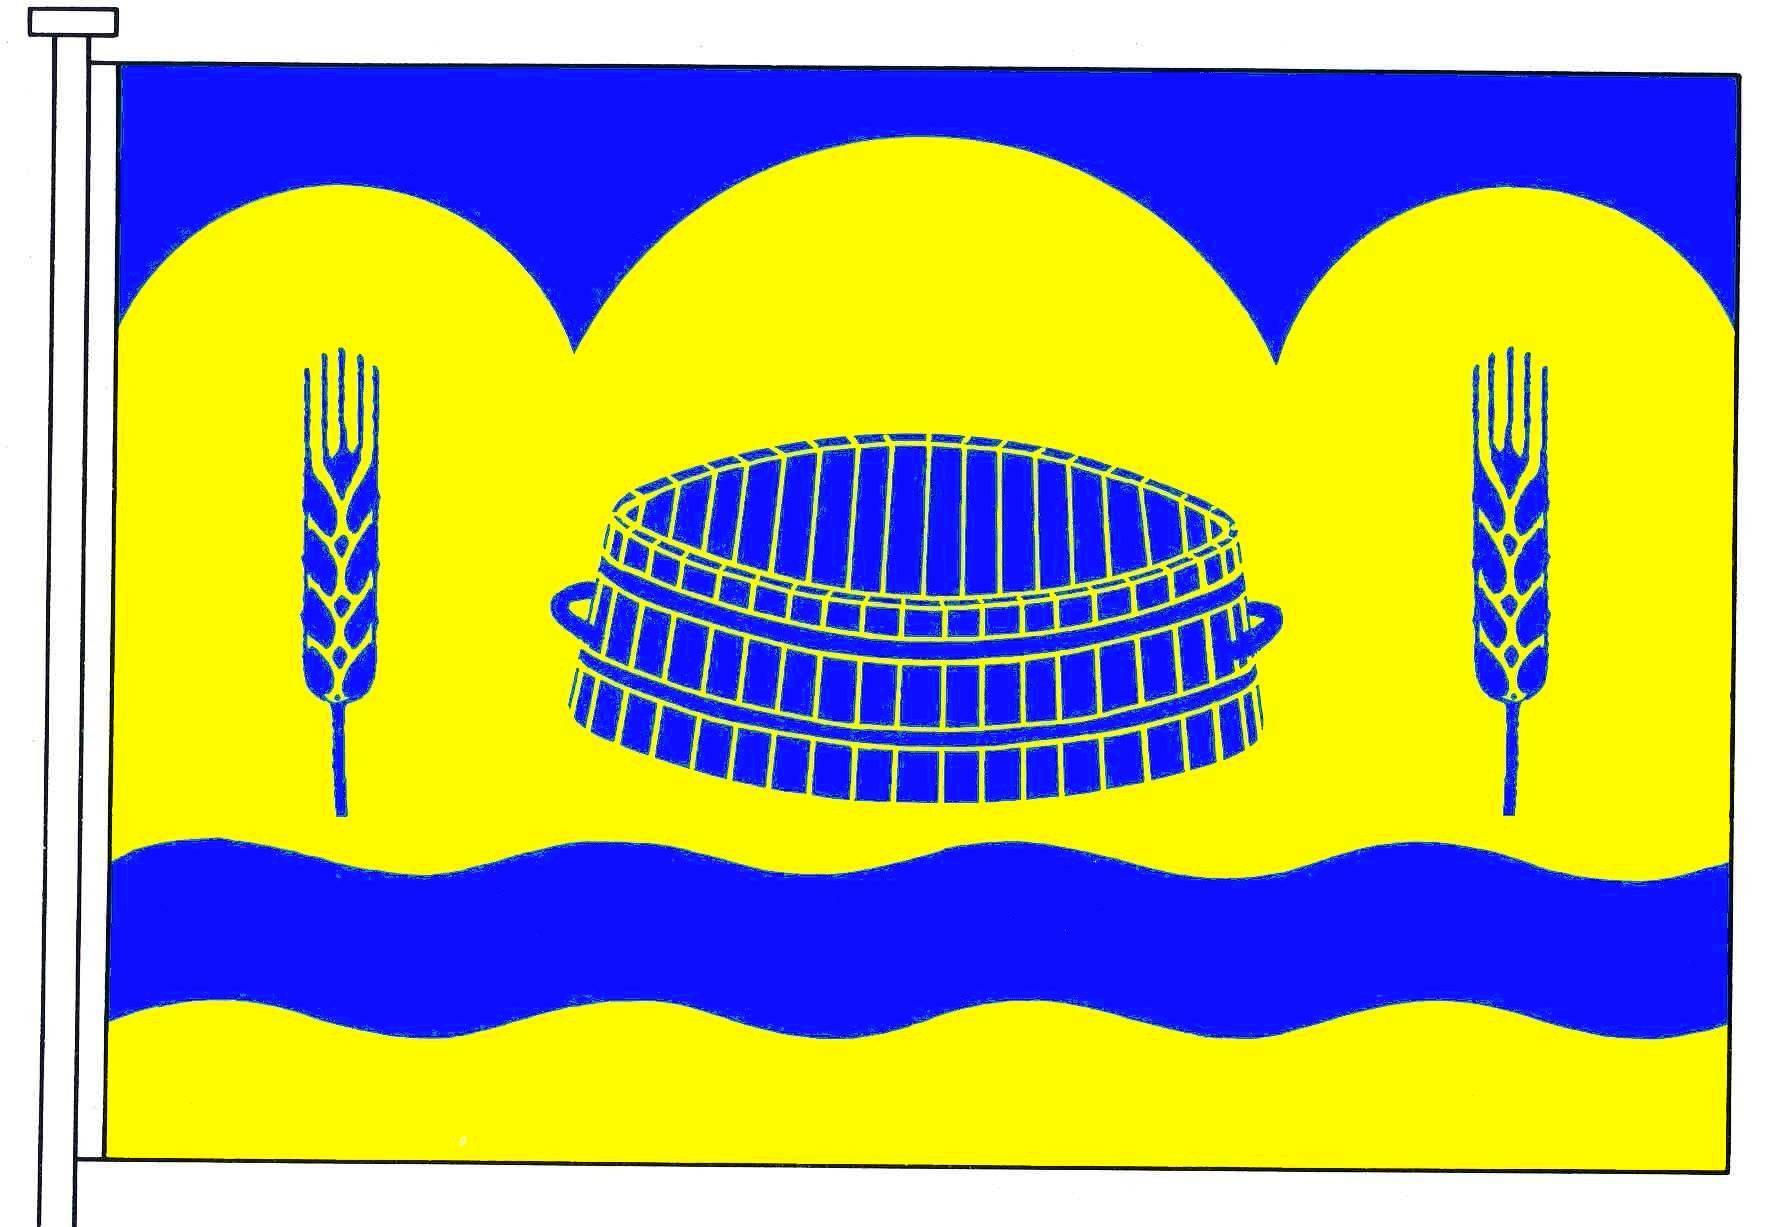 Flagge GemeindeAscheffel, Kreis Rendsburg-Eckernförde